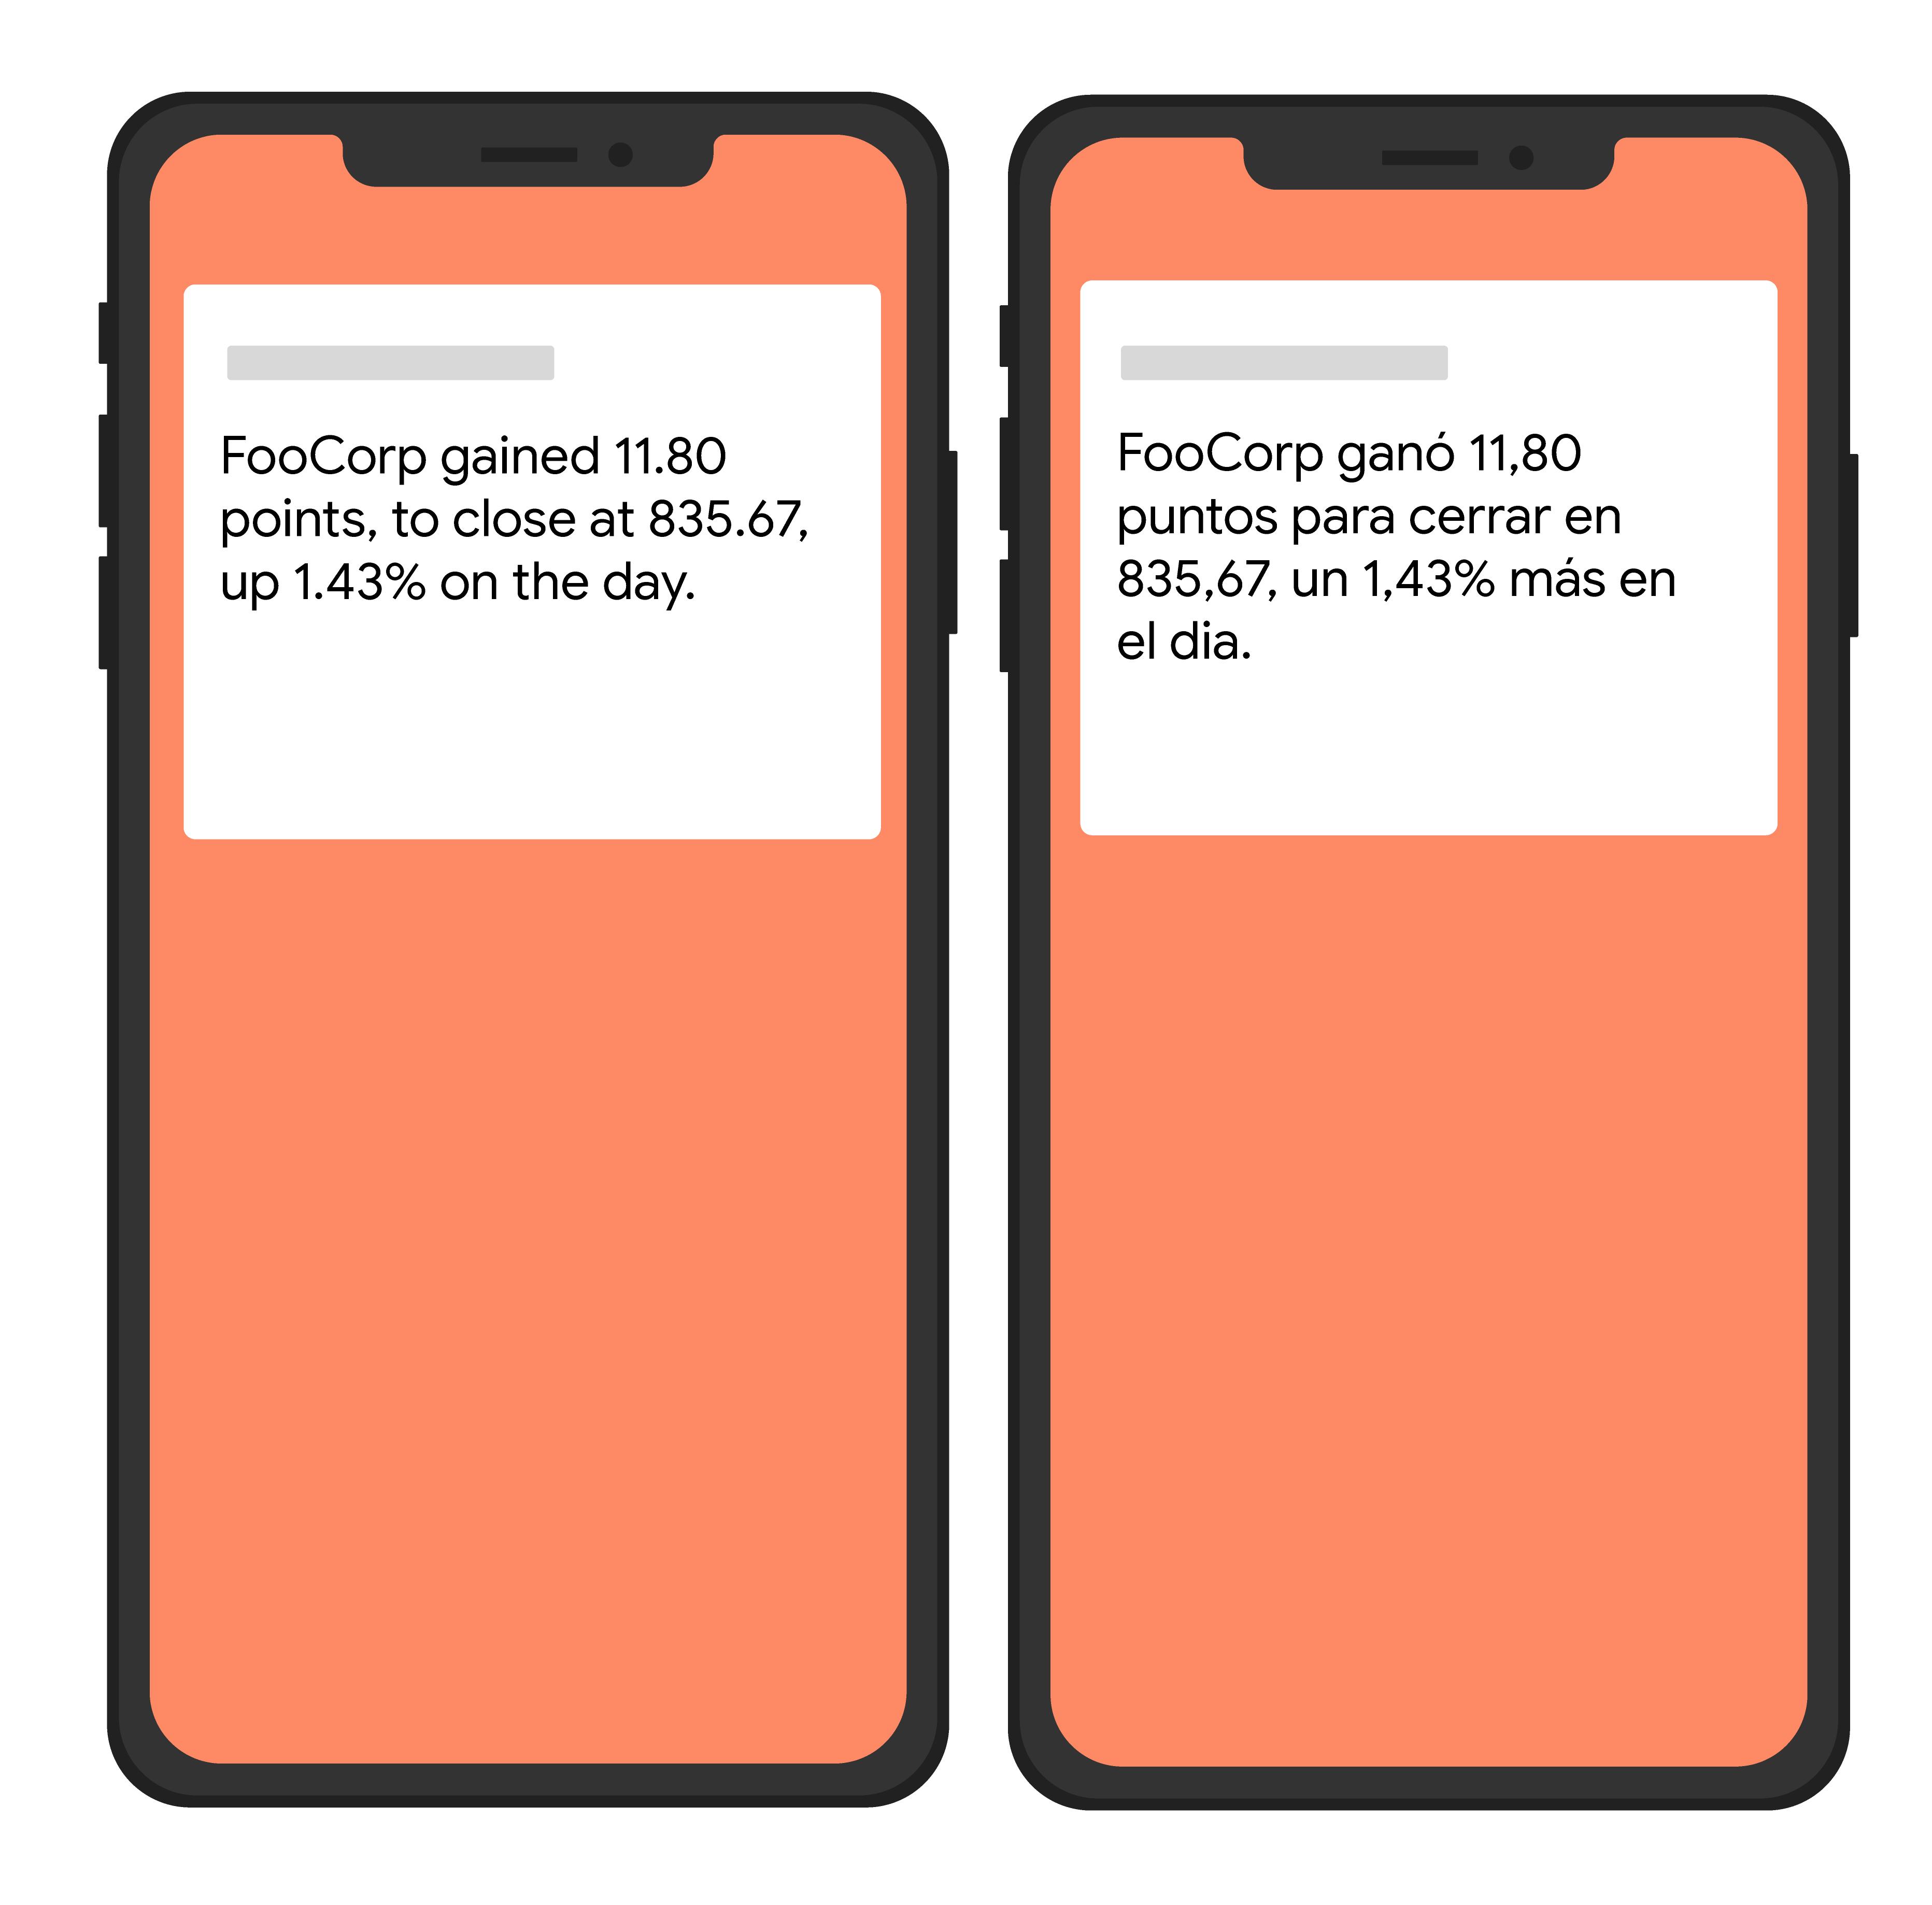 영어와 스페인어 텍스트를 표시하는 두 기기의 간단한 그림